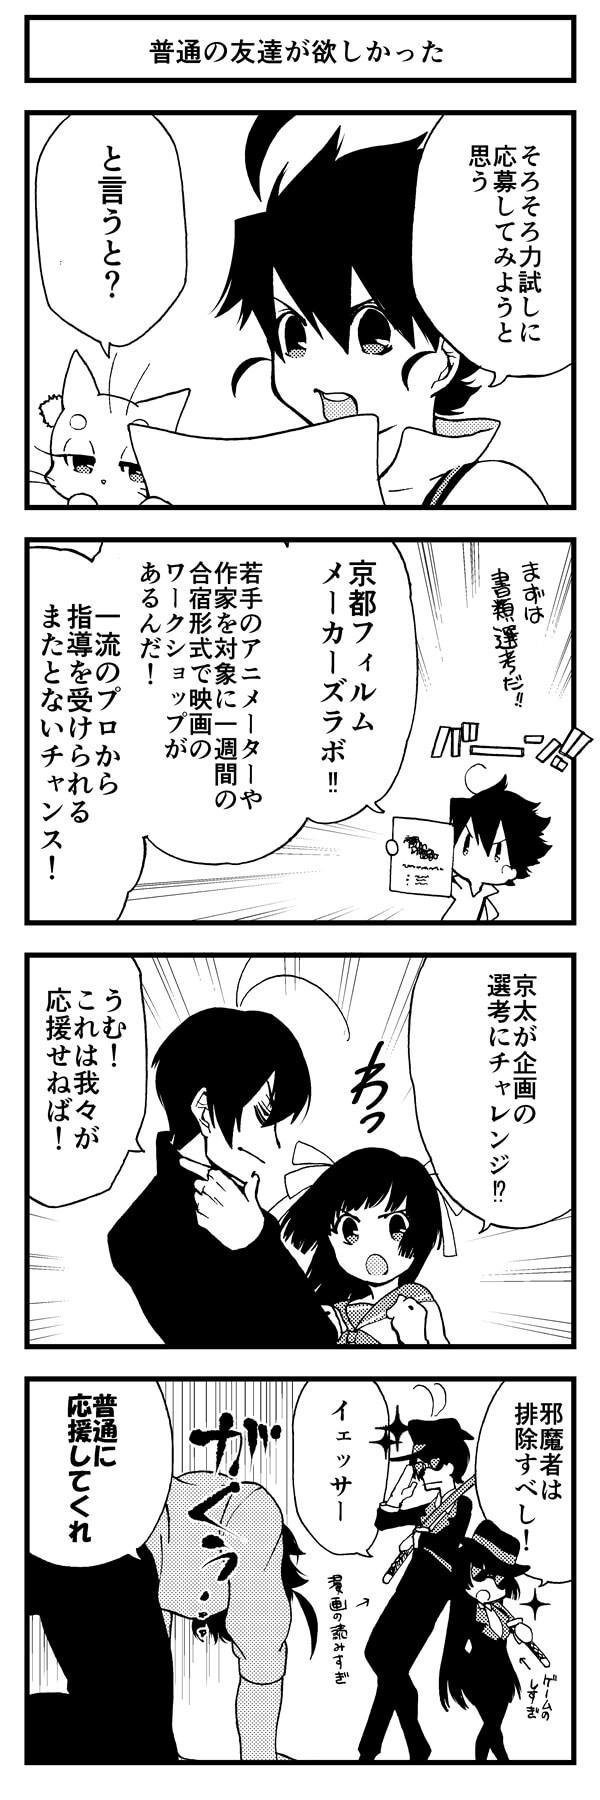 『京都クロスメディアParty!』 【第16話】